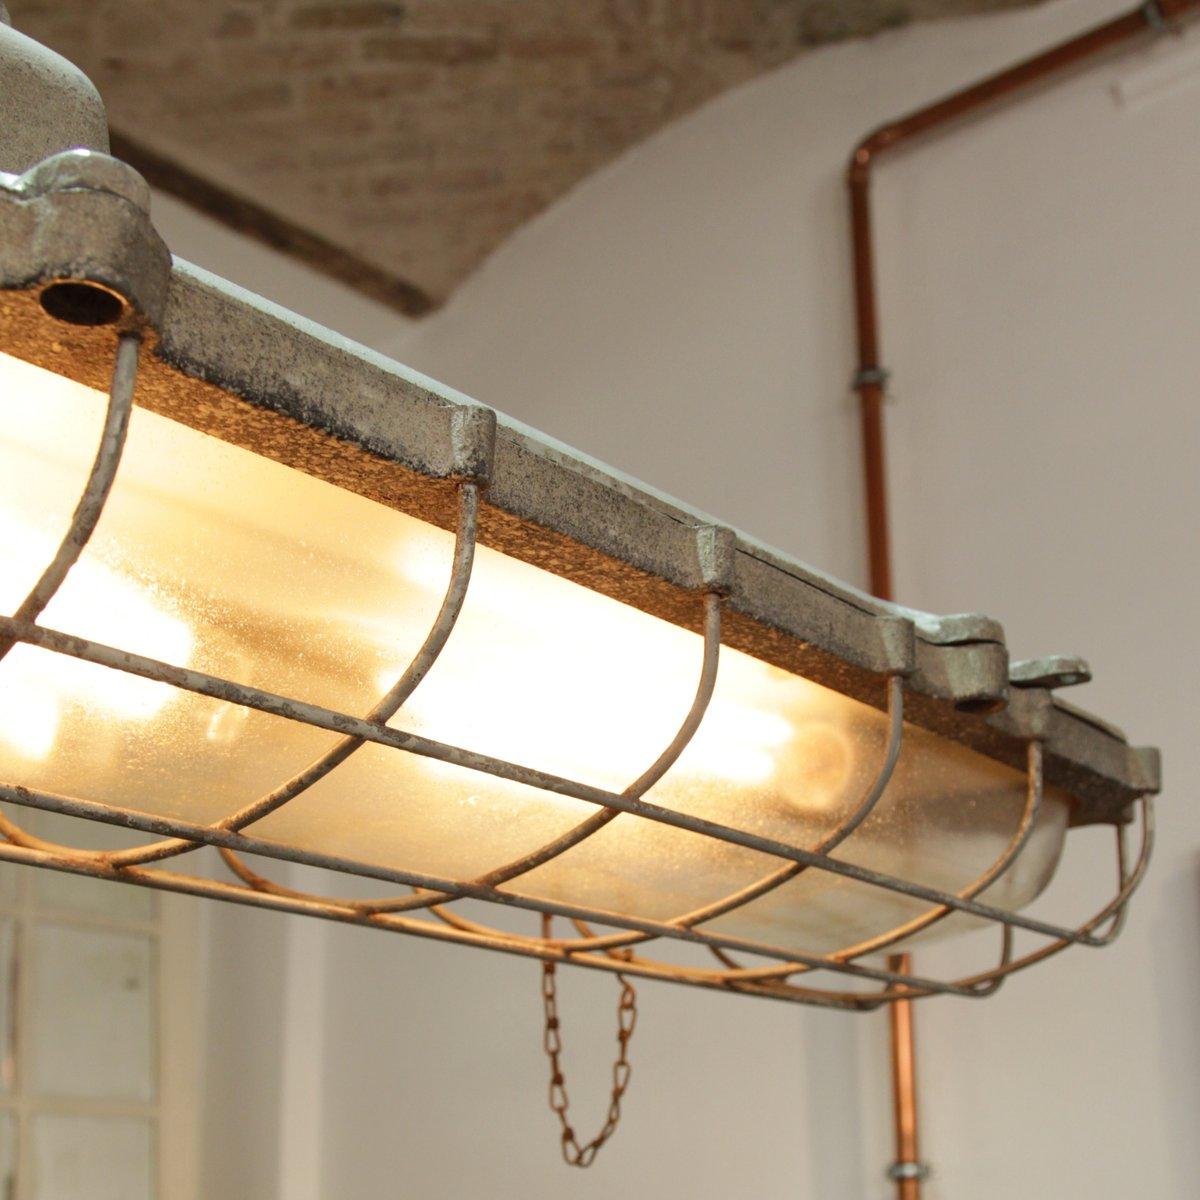 gro e industrielle metall deckenleuchte bei pamono kaufen. Black Bedroom Furniture Sets. Home Design Ideas